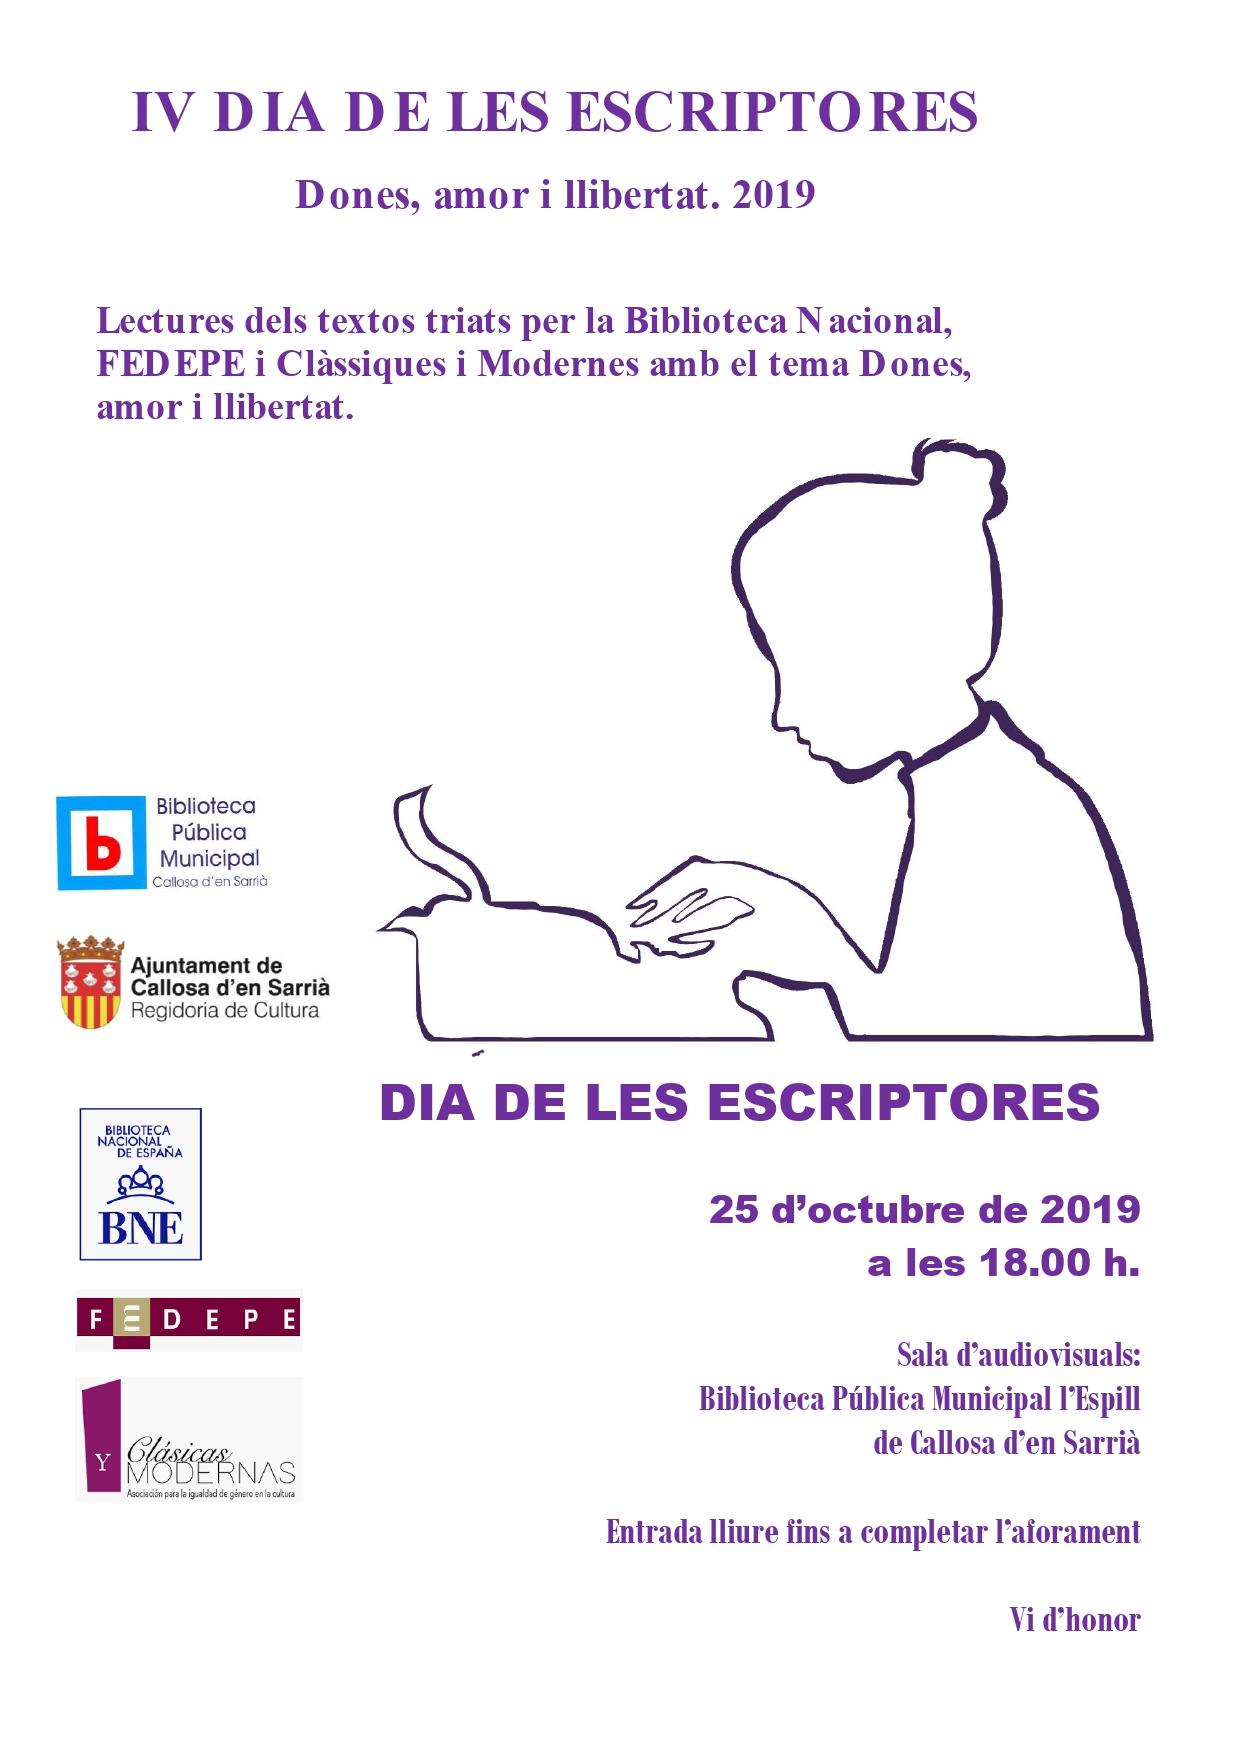 Biblioteca Pública Municipal l'Espill de Callosa d'en Sarrià